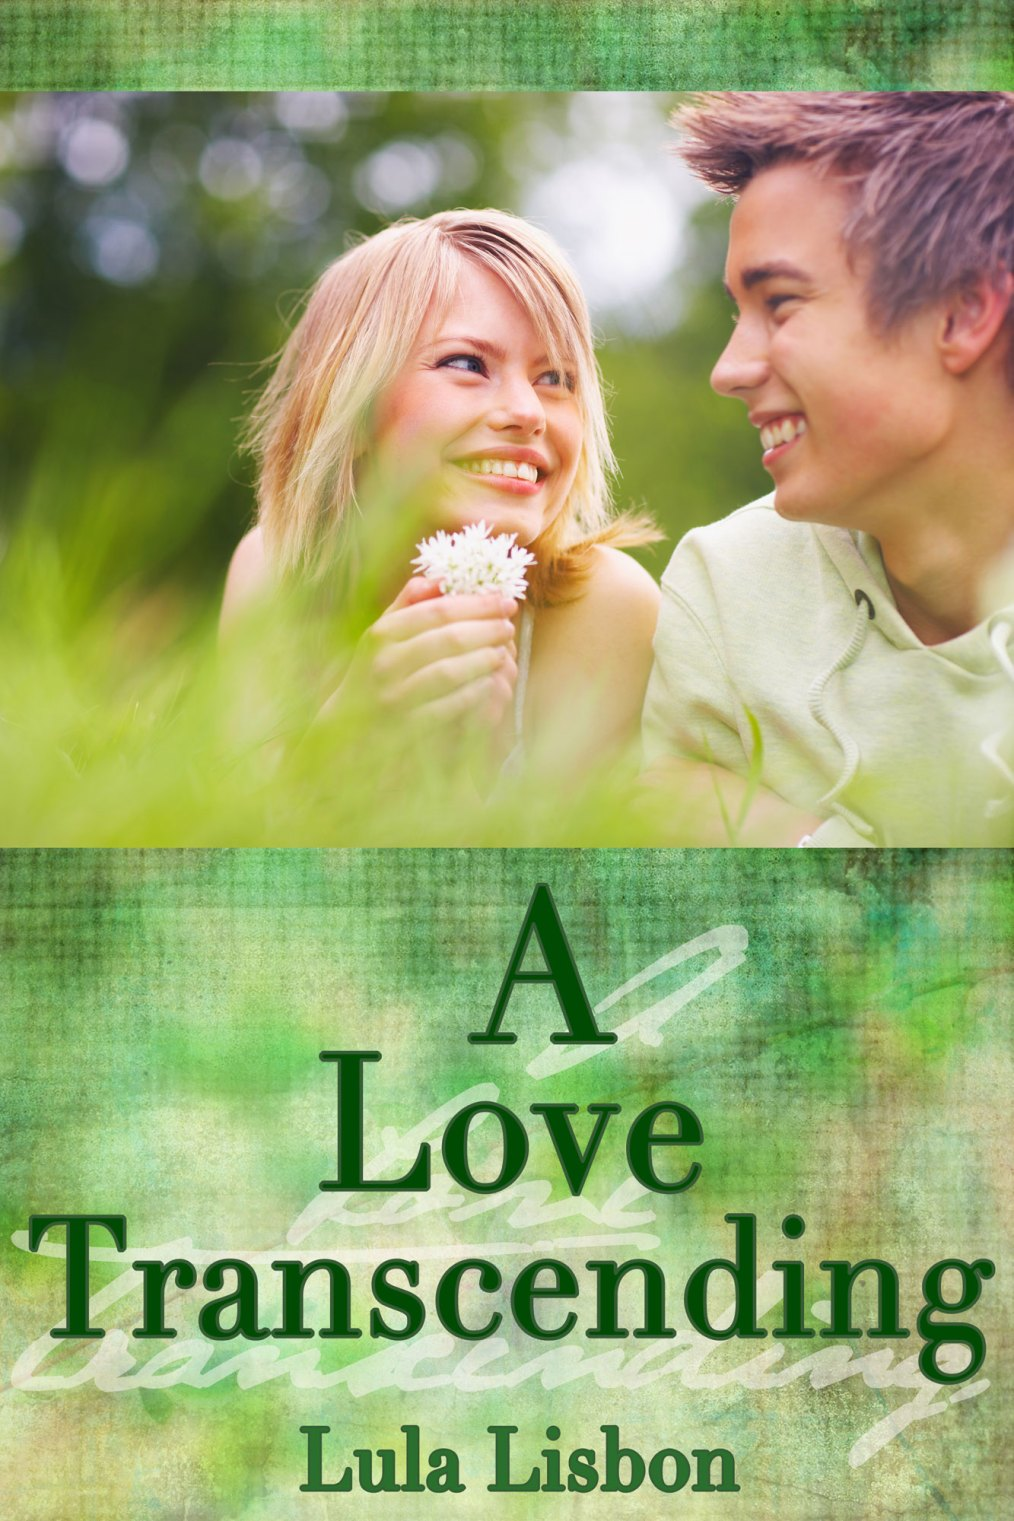 A Love Transcending